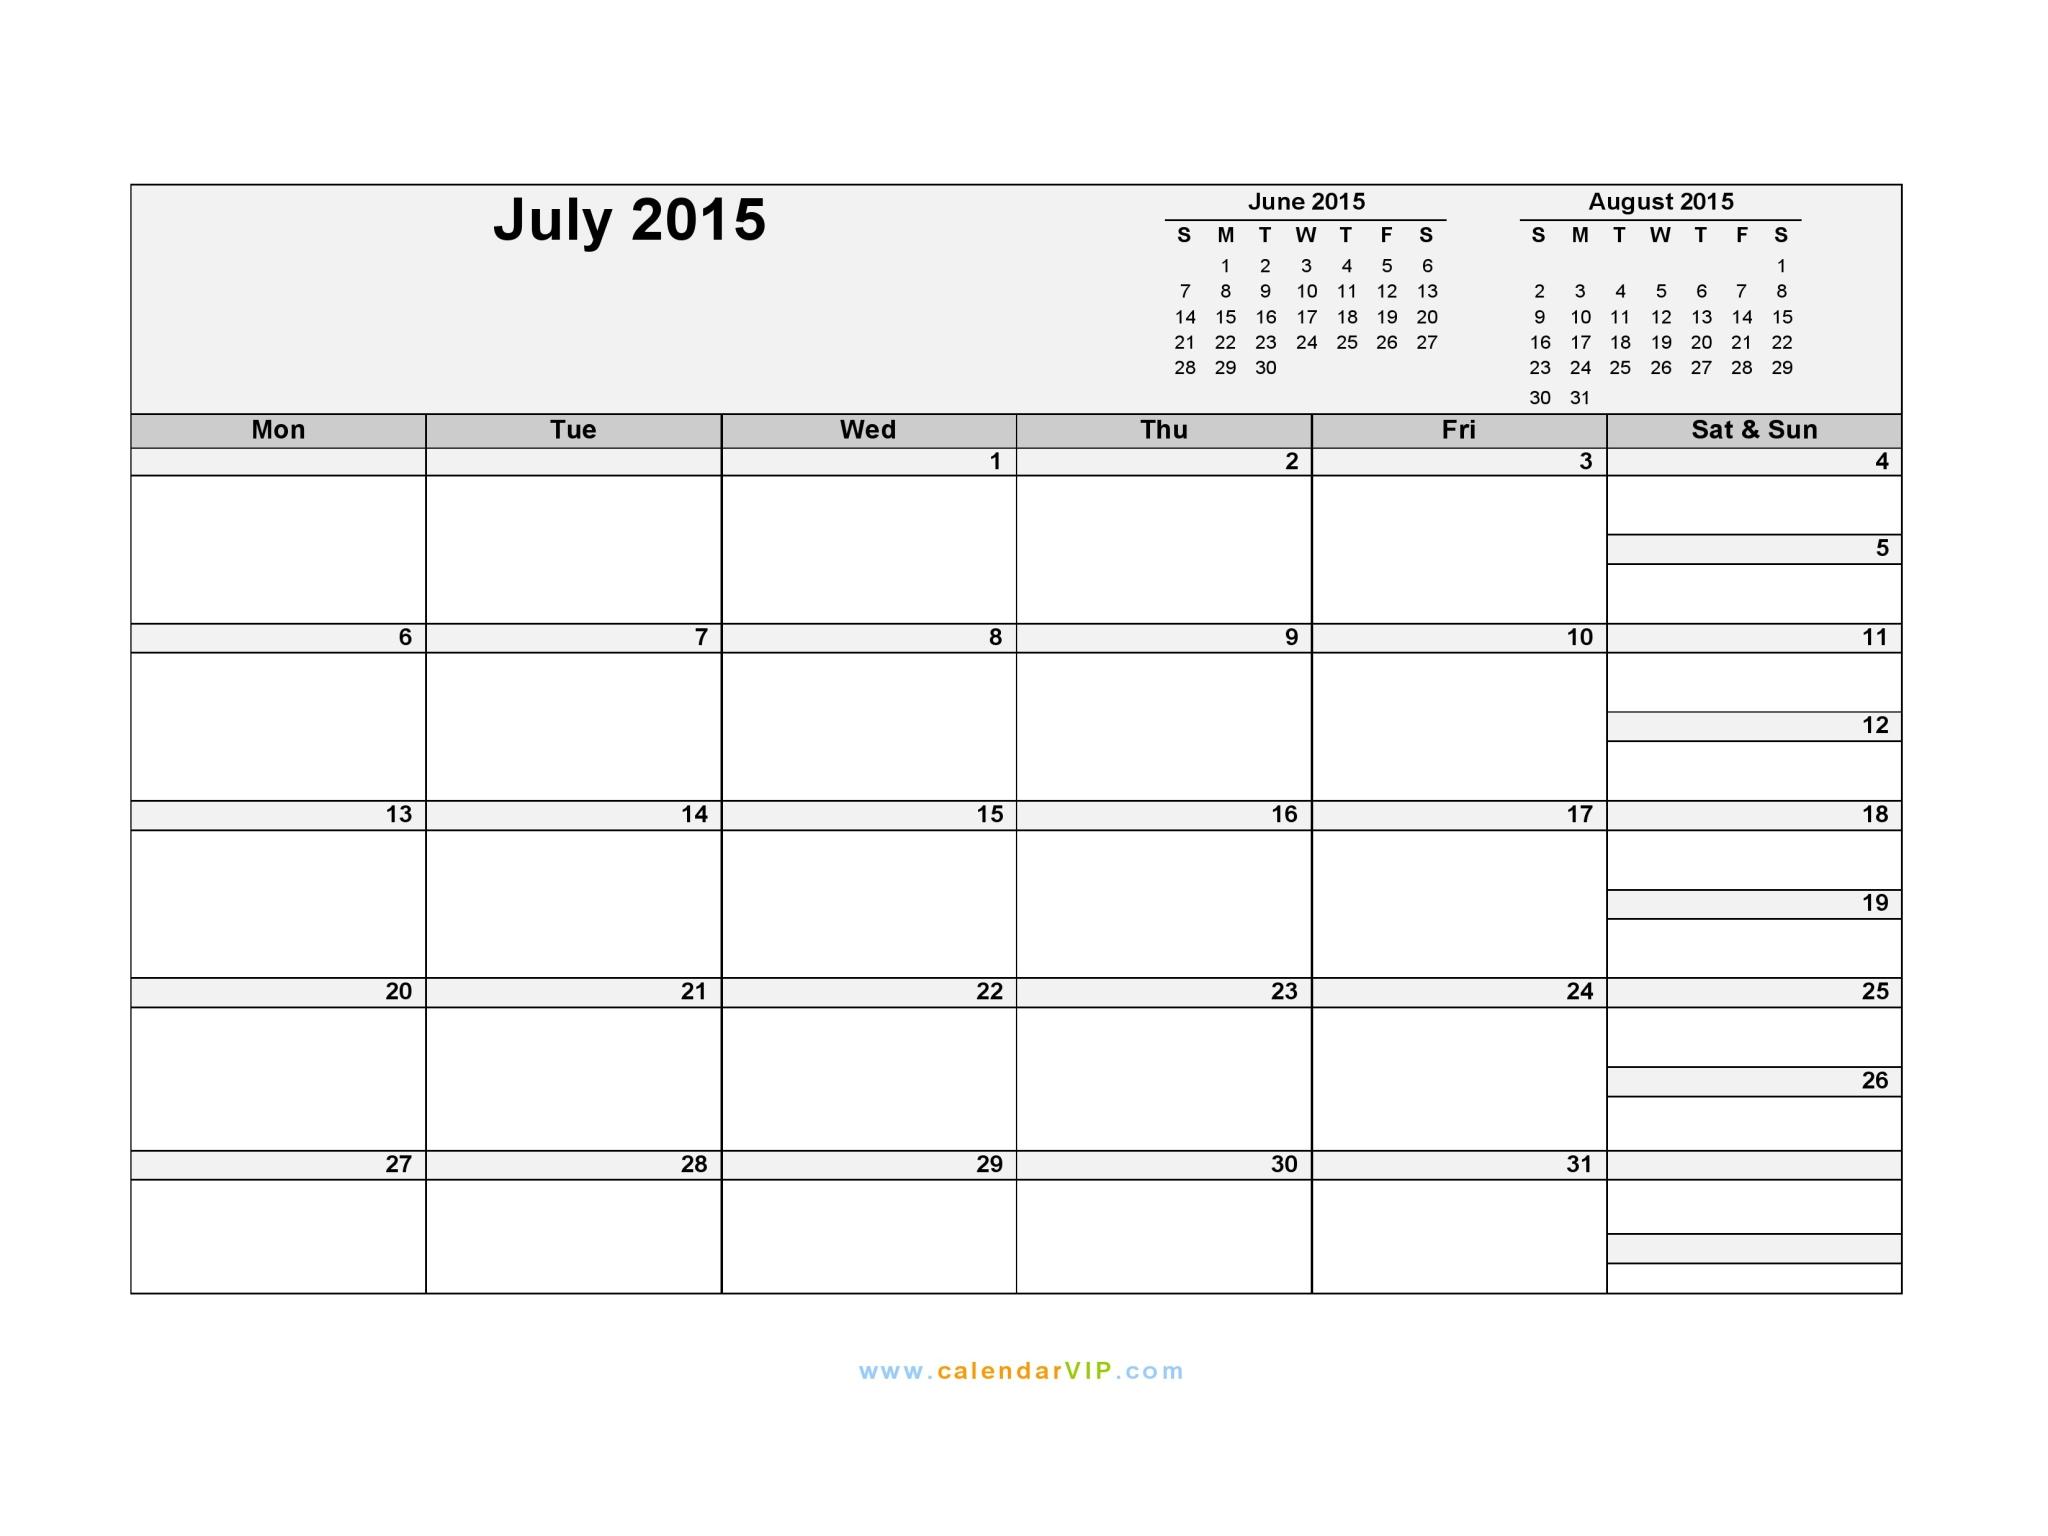 July 2015 Calendar - Blank Printable Calendar Template In Pdf Word Excel